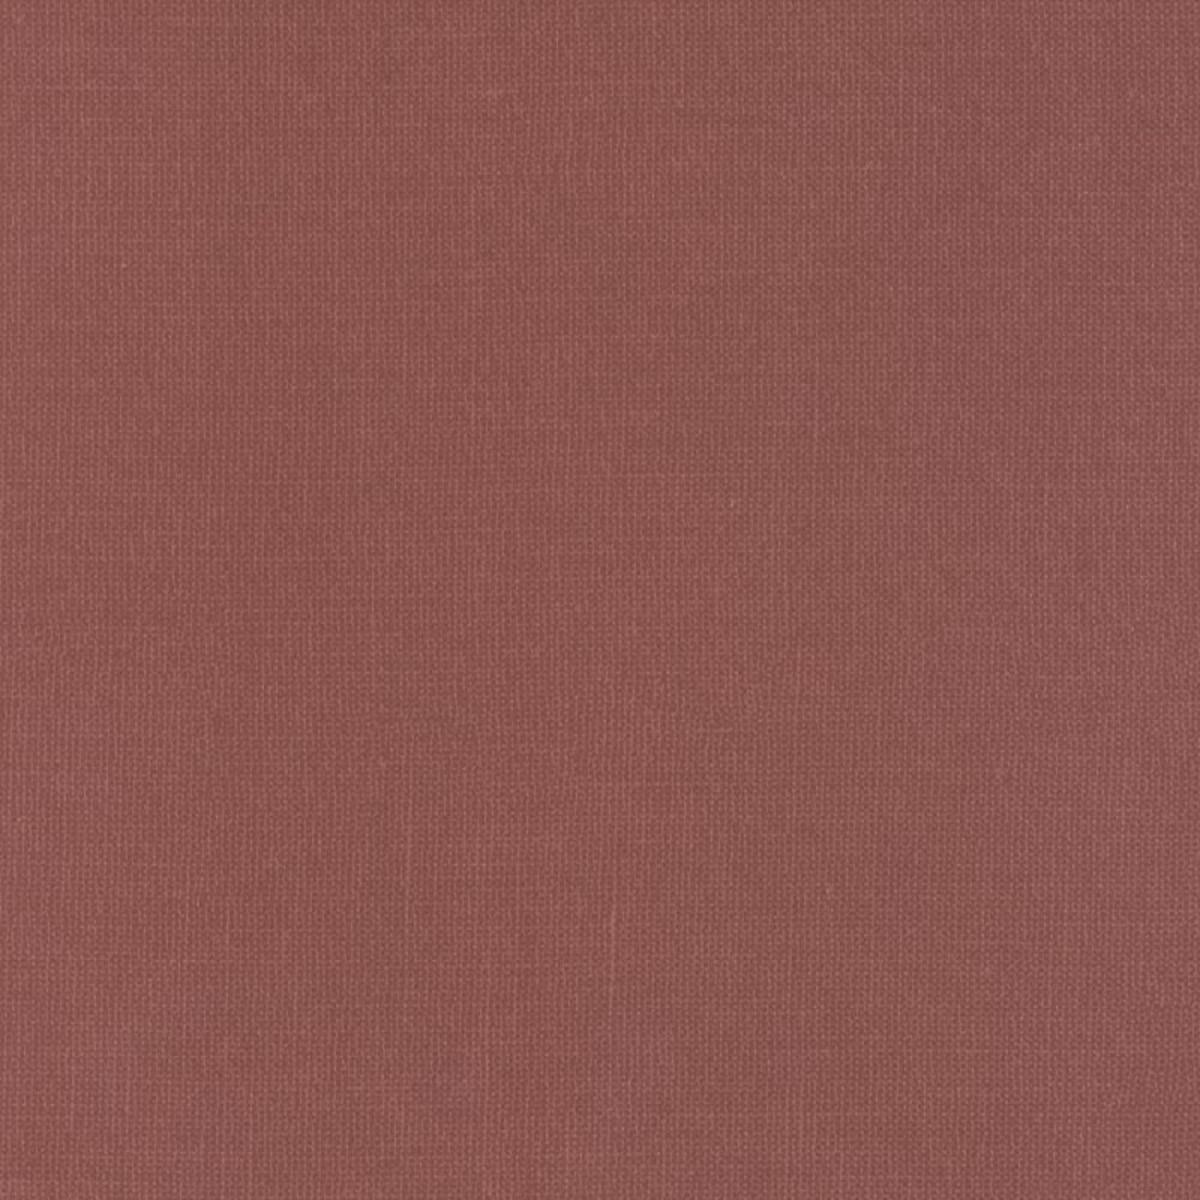 Флизелиновые обои Aura красные G56151 0.53 м